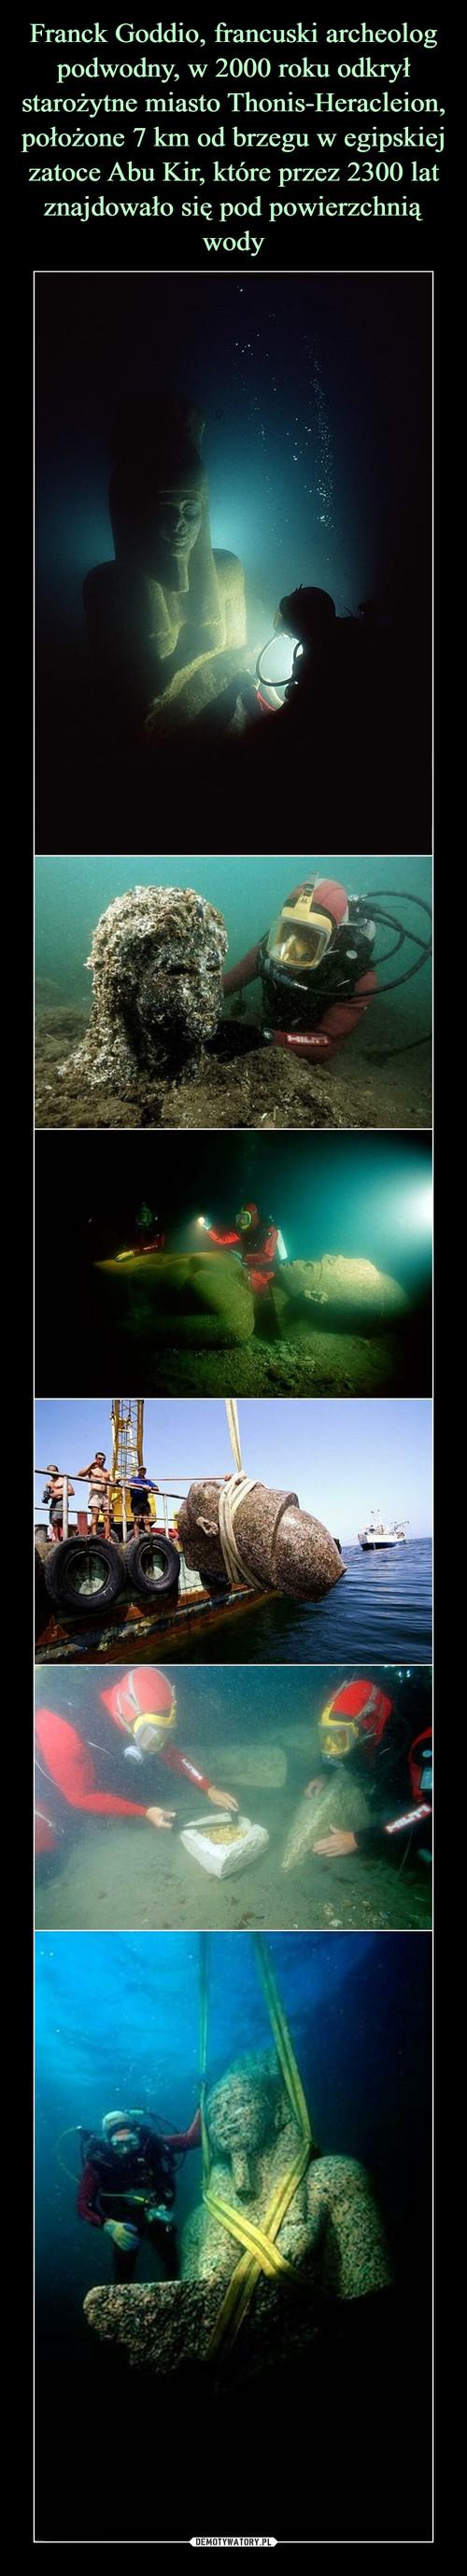 Franck Goddio, francuski archeolog podwodny, w 2000 roku odkrył starożytne miasto Thonis-Heracleion, położone 7 km od brzegu w egipskiej zatoce Abu Kir, które przez 2300 lat znajdowało się pod powierzchnią wody